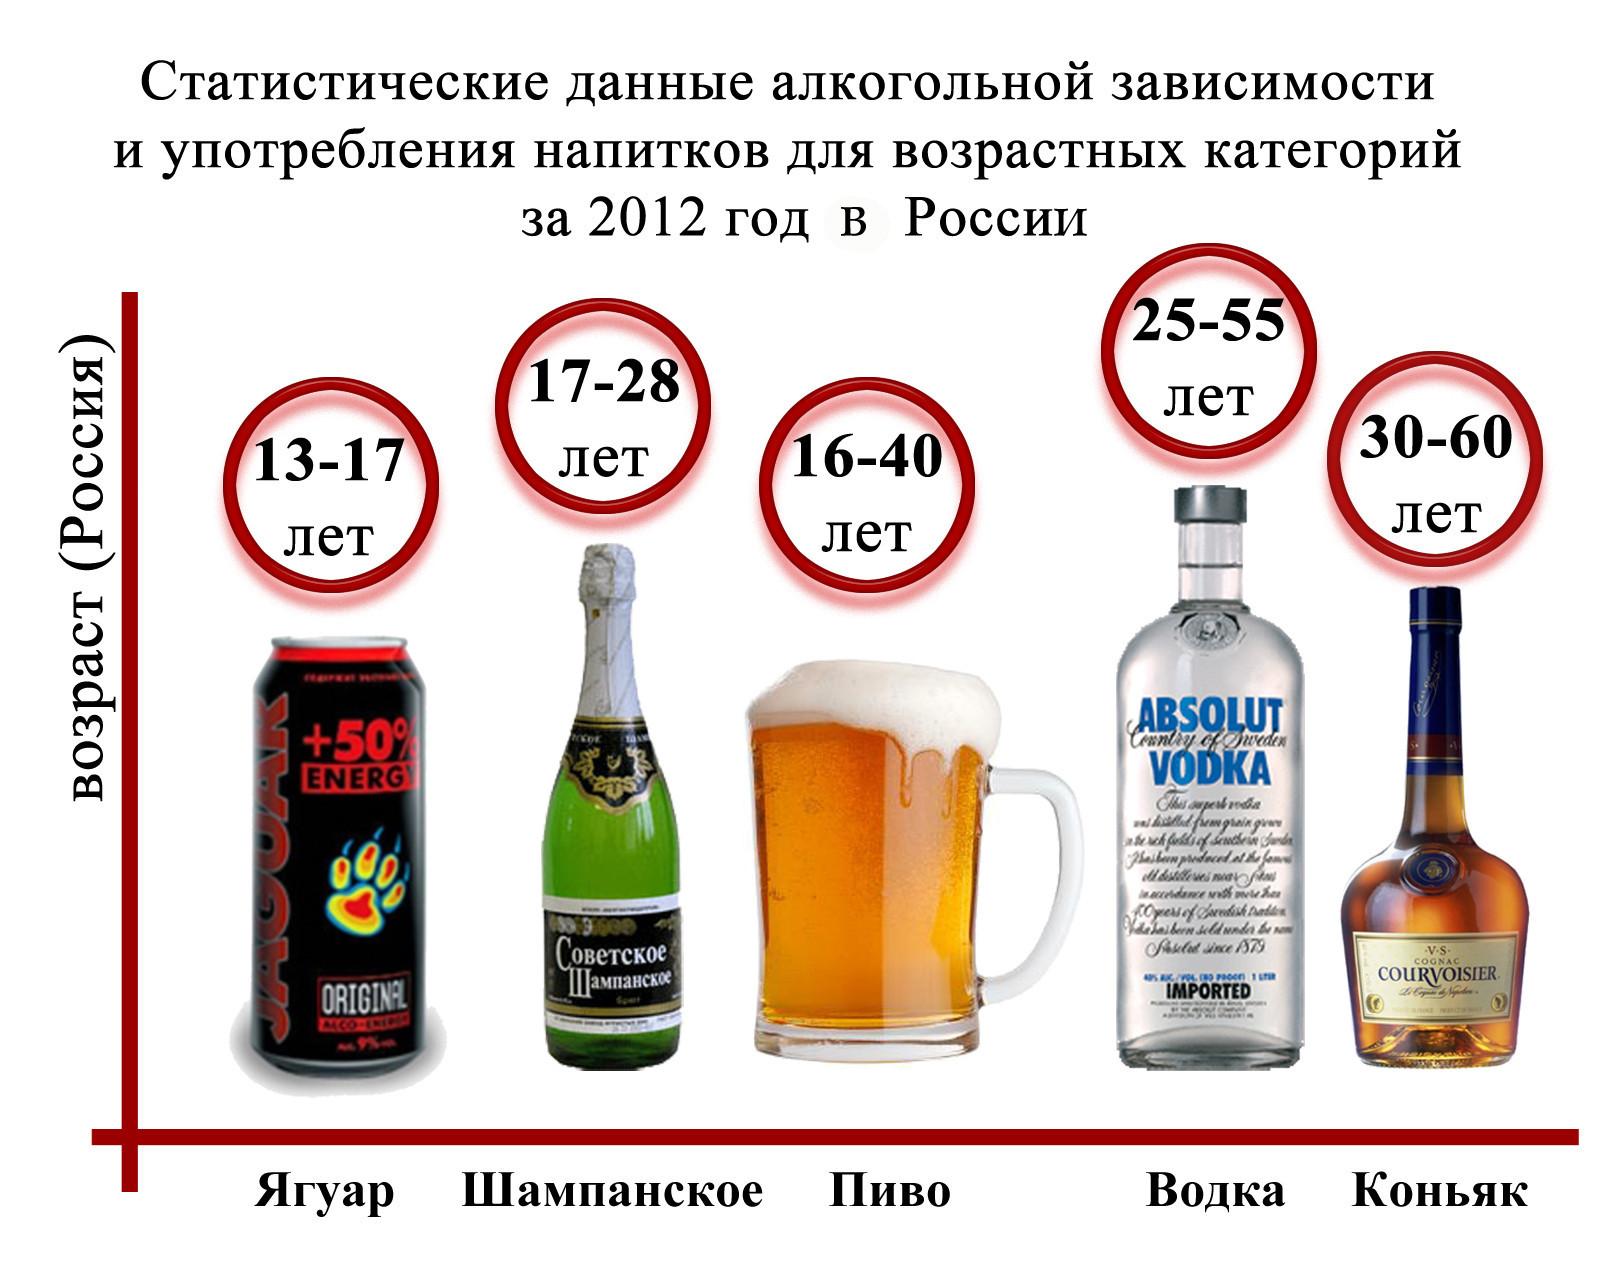 Заказать препарат от алкоголизма